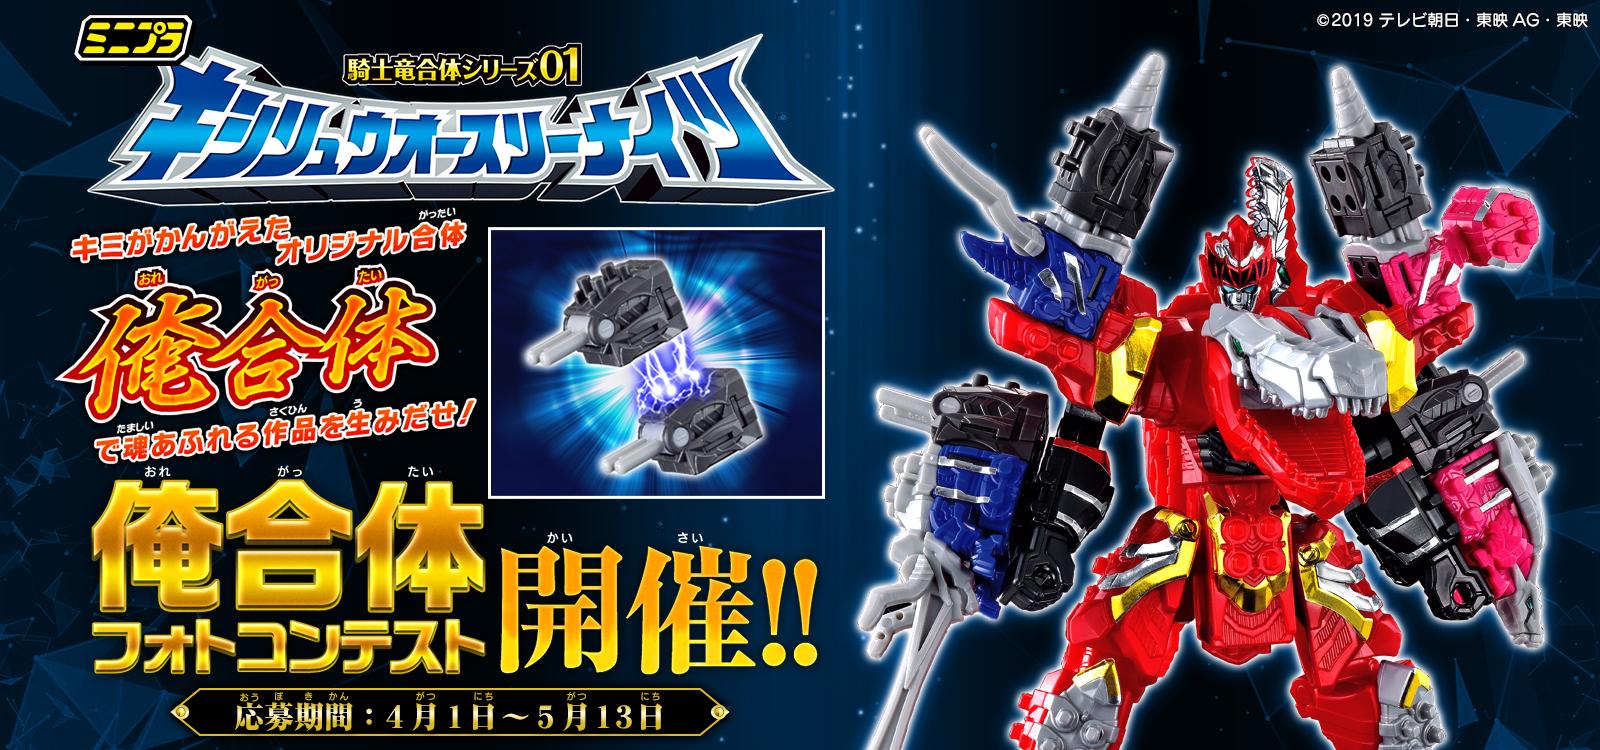 ミニプラ 騎士竜合体シリーズ01 キシリュウオースリーナイツ 俺合体フォトコンテスト開催決定!